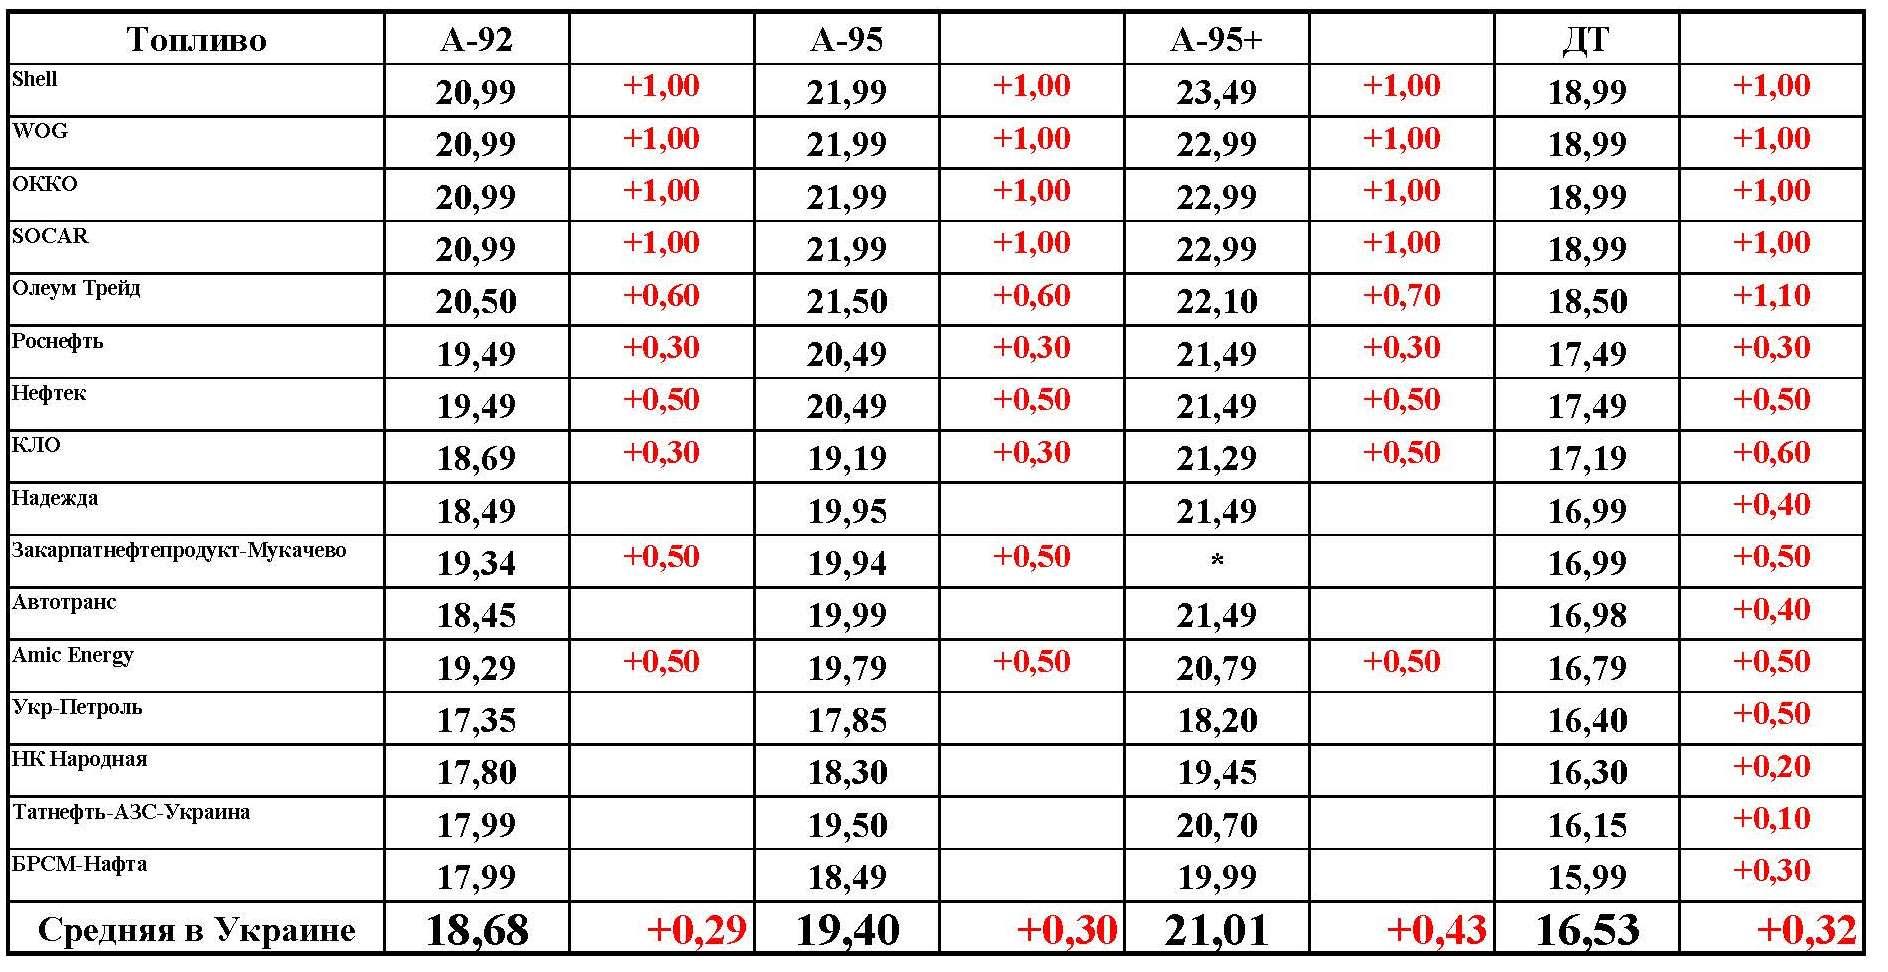 В Україні зросли ціни на пальне  - фото 1